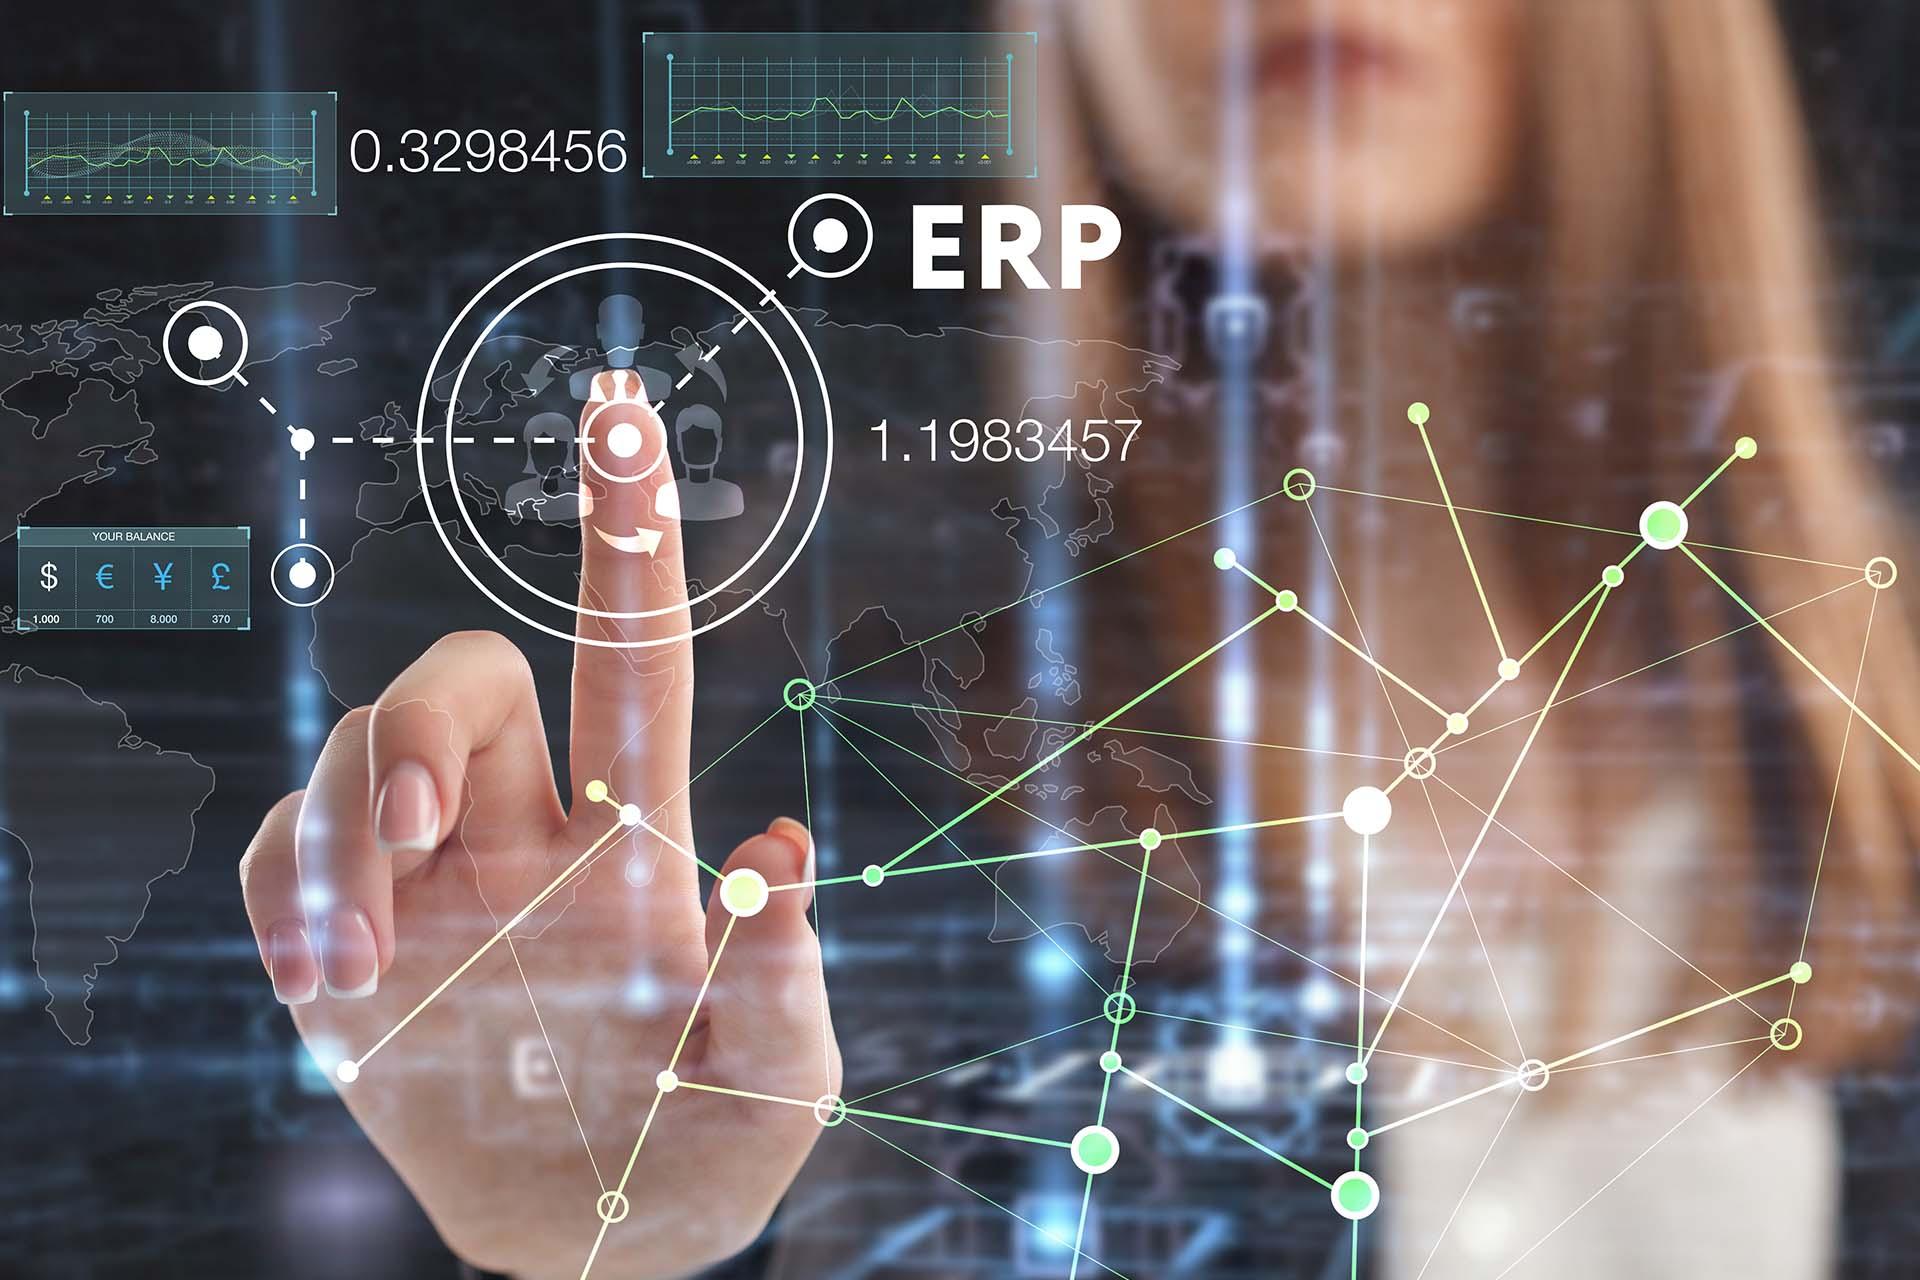 Nainen painamassa sormellaan etualalla olevaa hologrammia maailmanlaajuisista ERP tilastoista